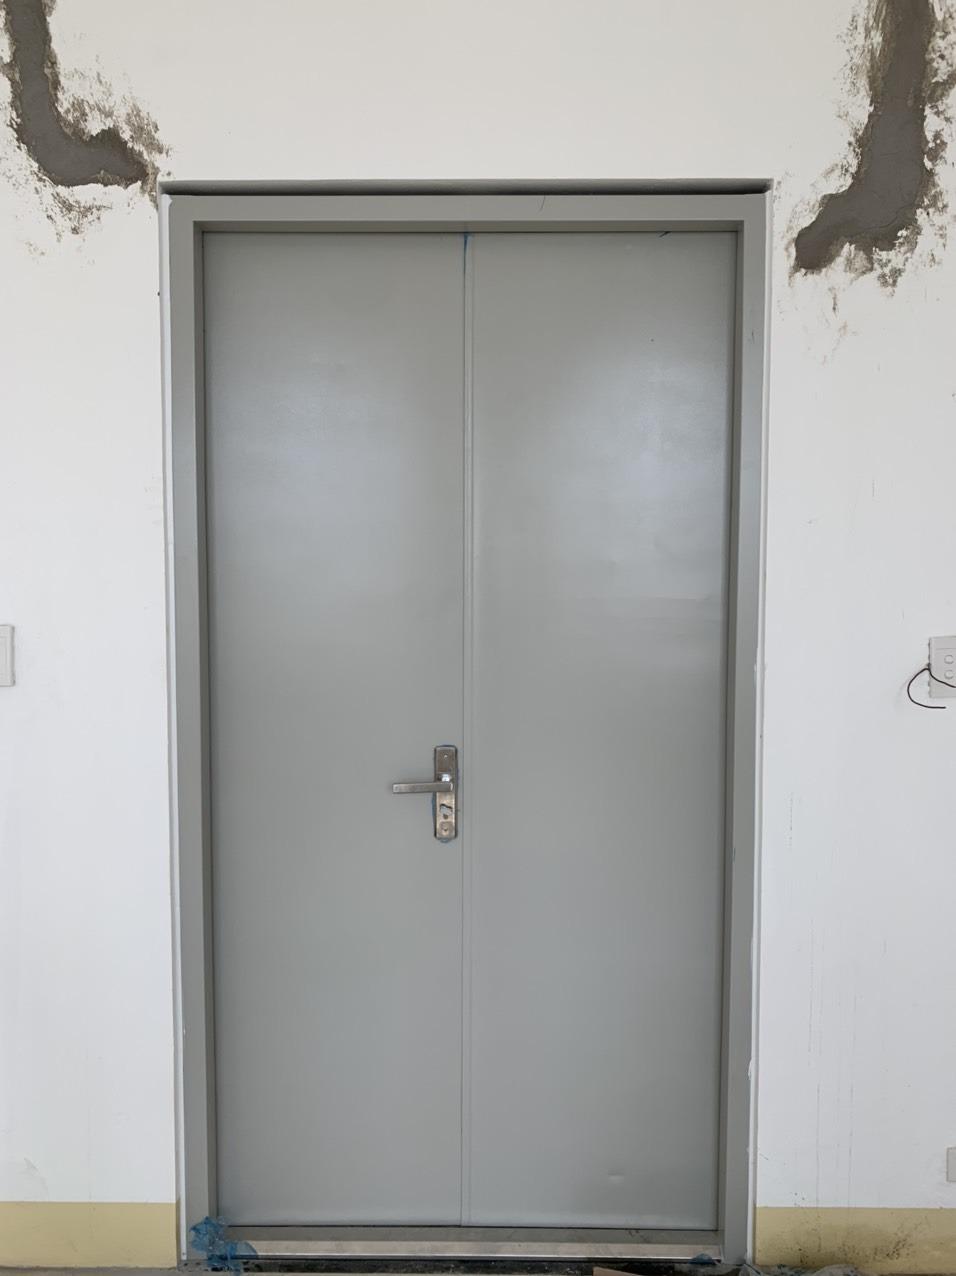 Các loại cửa sắt chống cháy hiện nay